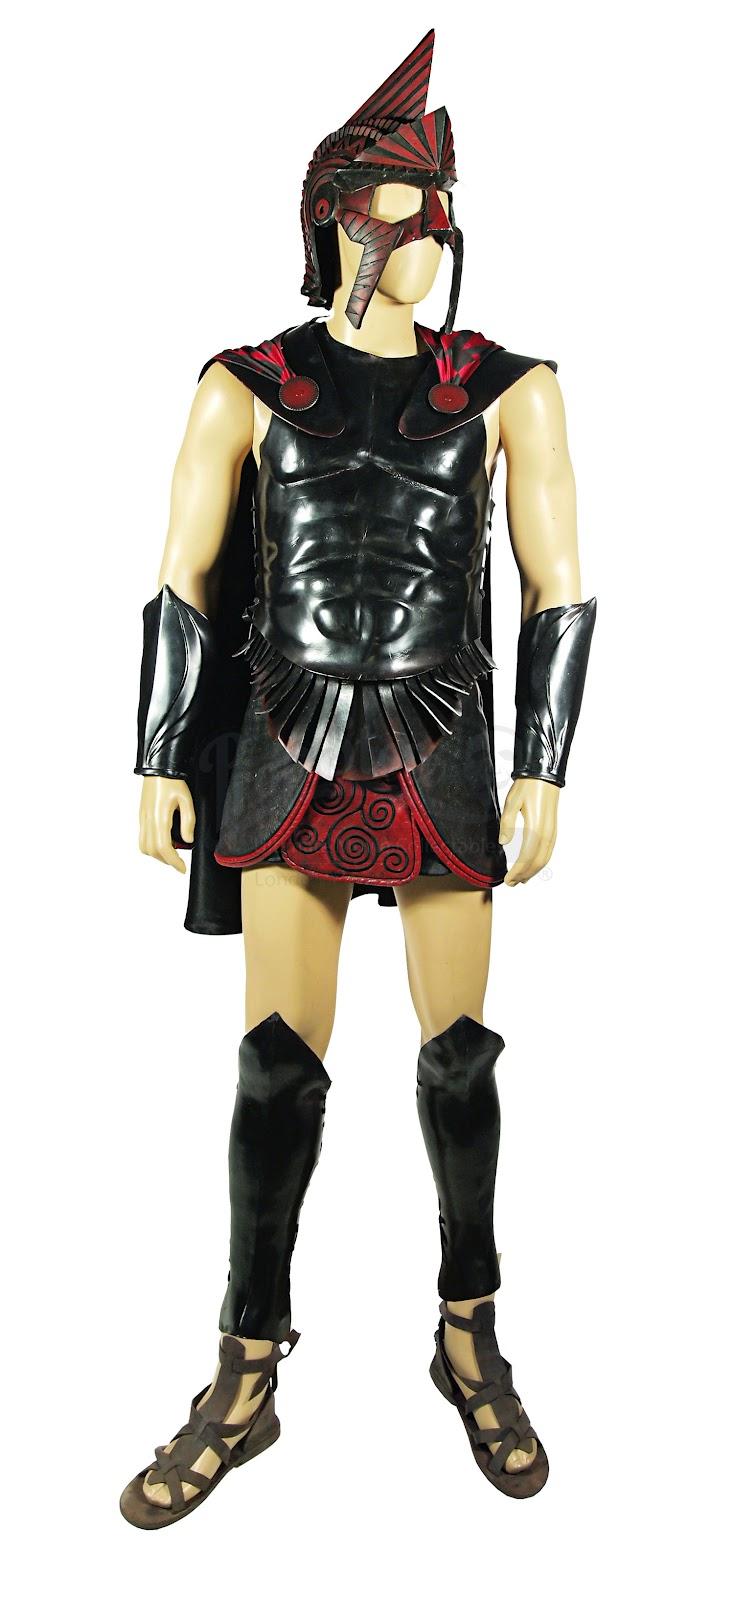 Immortals 300 Costume | www.pixshark.com - Images ...